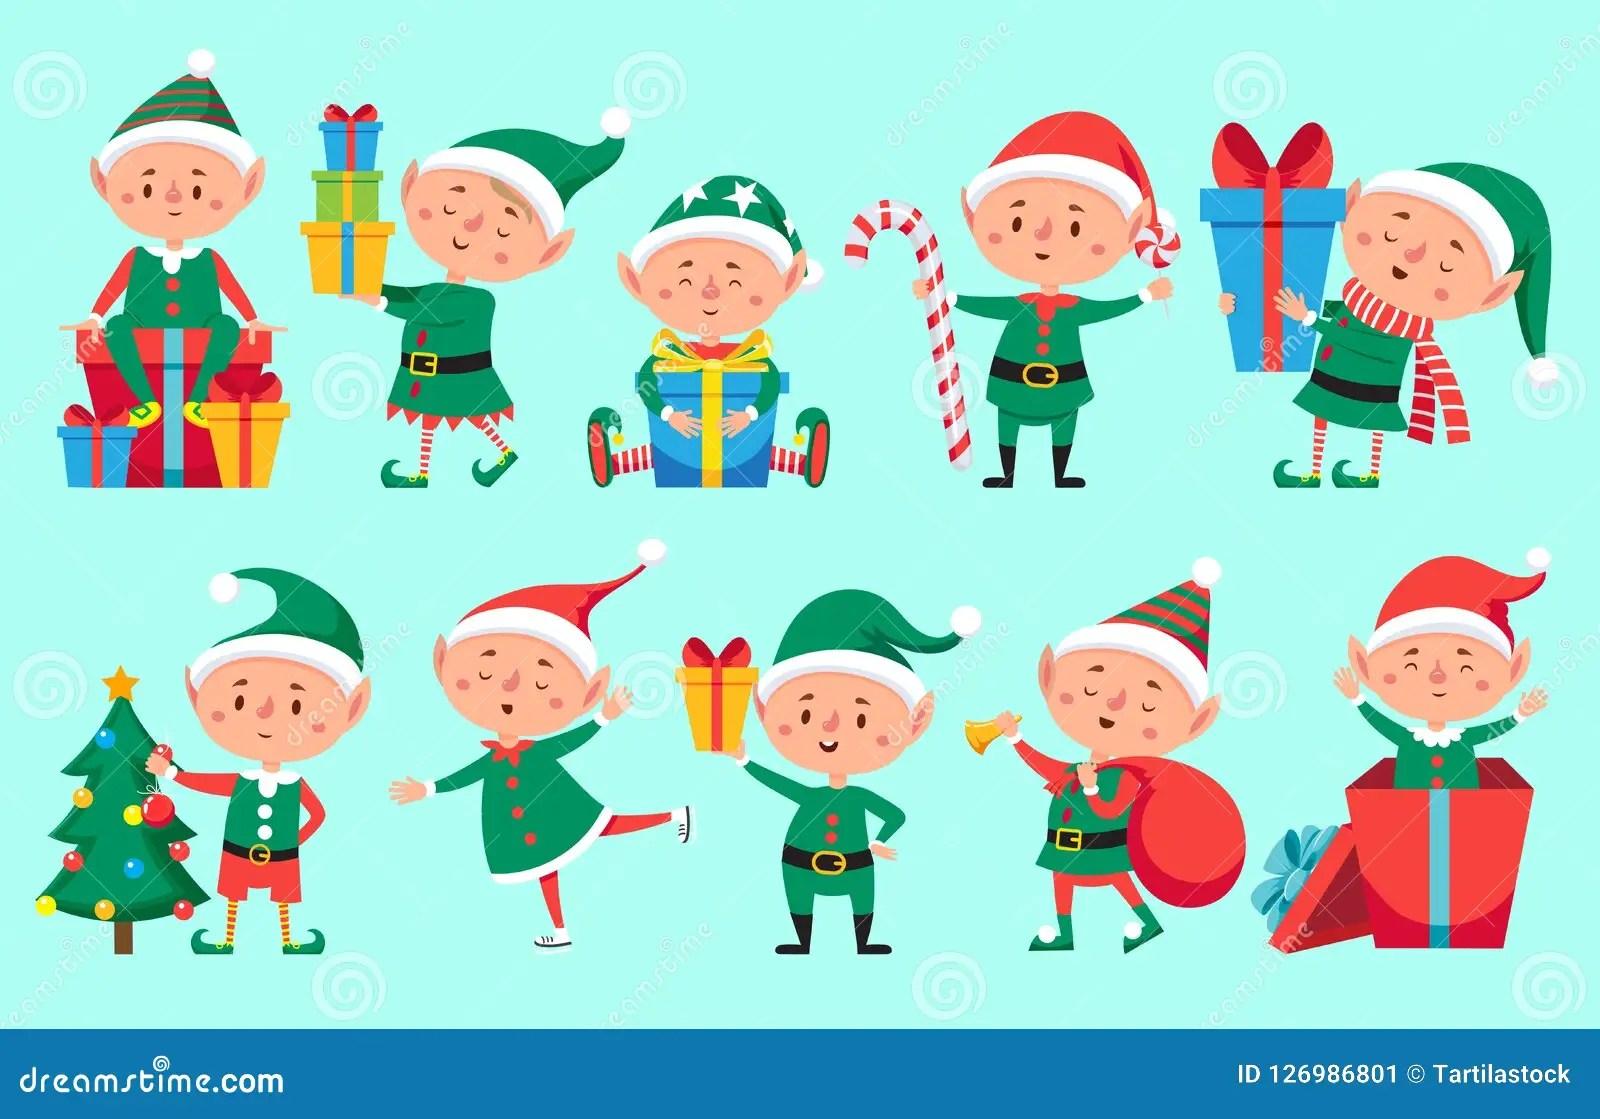 Christmas Elf Character Cute Santa Claus Helpers Elves